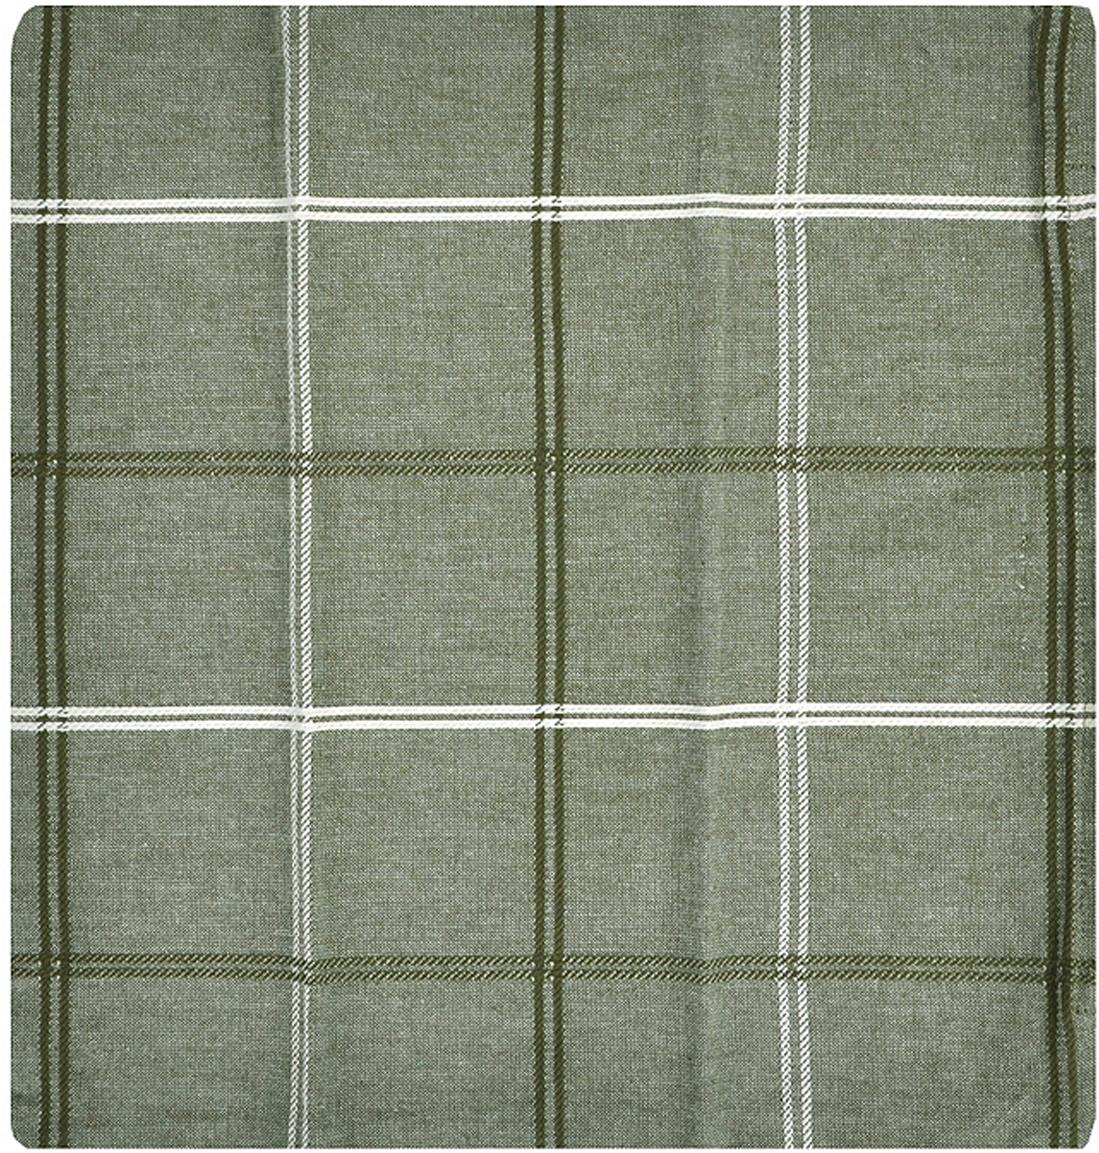 Комплект декоративных наволочек Schaefer, цвет: серый, зеленый, 40 х 40 см, 2 шт. 06707-50106707-501Комплект Schaefer состоит из двух декоративных наволочек, выполненных из натурального хлопка. Изделия серо-зеленого цвета оформлены вышитым клетчатым рисунком. Наволочки застегиваются на боковую застежку-молнию. Хлопок - натуральный гипоаллергенный материал, отличающийся высокой прочностью и износостойкостью.Эти текстильные изделия станут удобным, комфортным украшением вашего дома! Характеристики:Материал: 100% хлопок. Цвет: серый, зеленый. Размер наволочки: 40 см х 40 см. Комплектация: 2 шт. Немецкая компания Schaefer создана в 1921 году. На протяжении всего временисуществования она создает уникальные коллекции домашнего текстиля для гостиных,спален, кухонь и ванных комнат. Дизайнерские идеи немецких художников компании Schaefer воплощаются в текстильныхизделиях, которые сделают ваш дом красивее и уютнее и не останутся незамеченнымивашими гостями. Дарите себе и близким красоту каждый день!